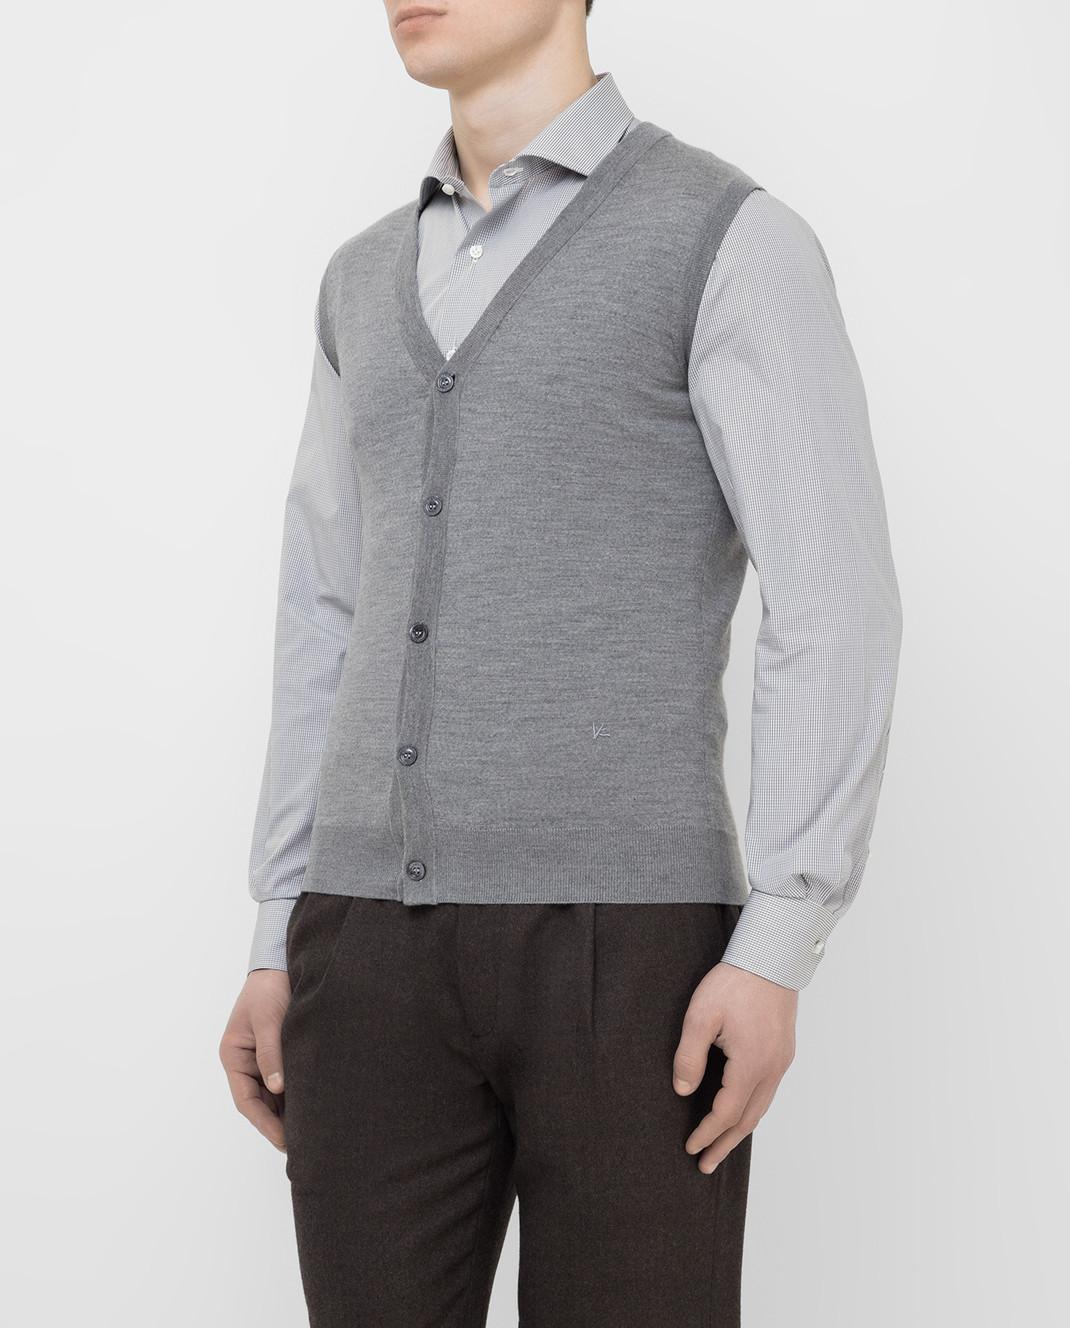 ISAIA Серый жилет из шерсти MG7051YP005 изображение 3